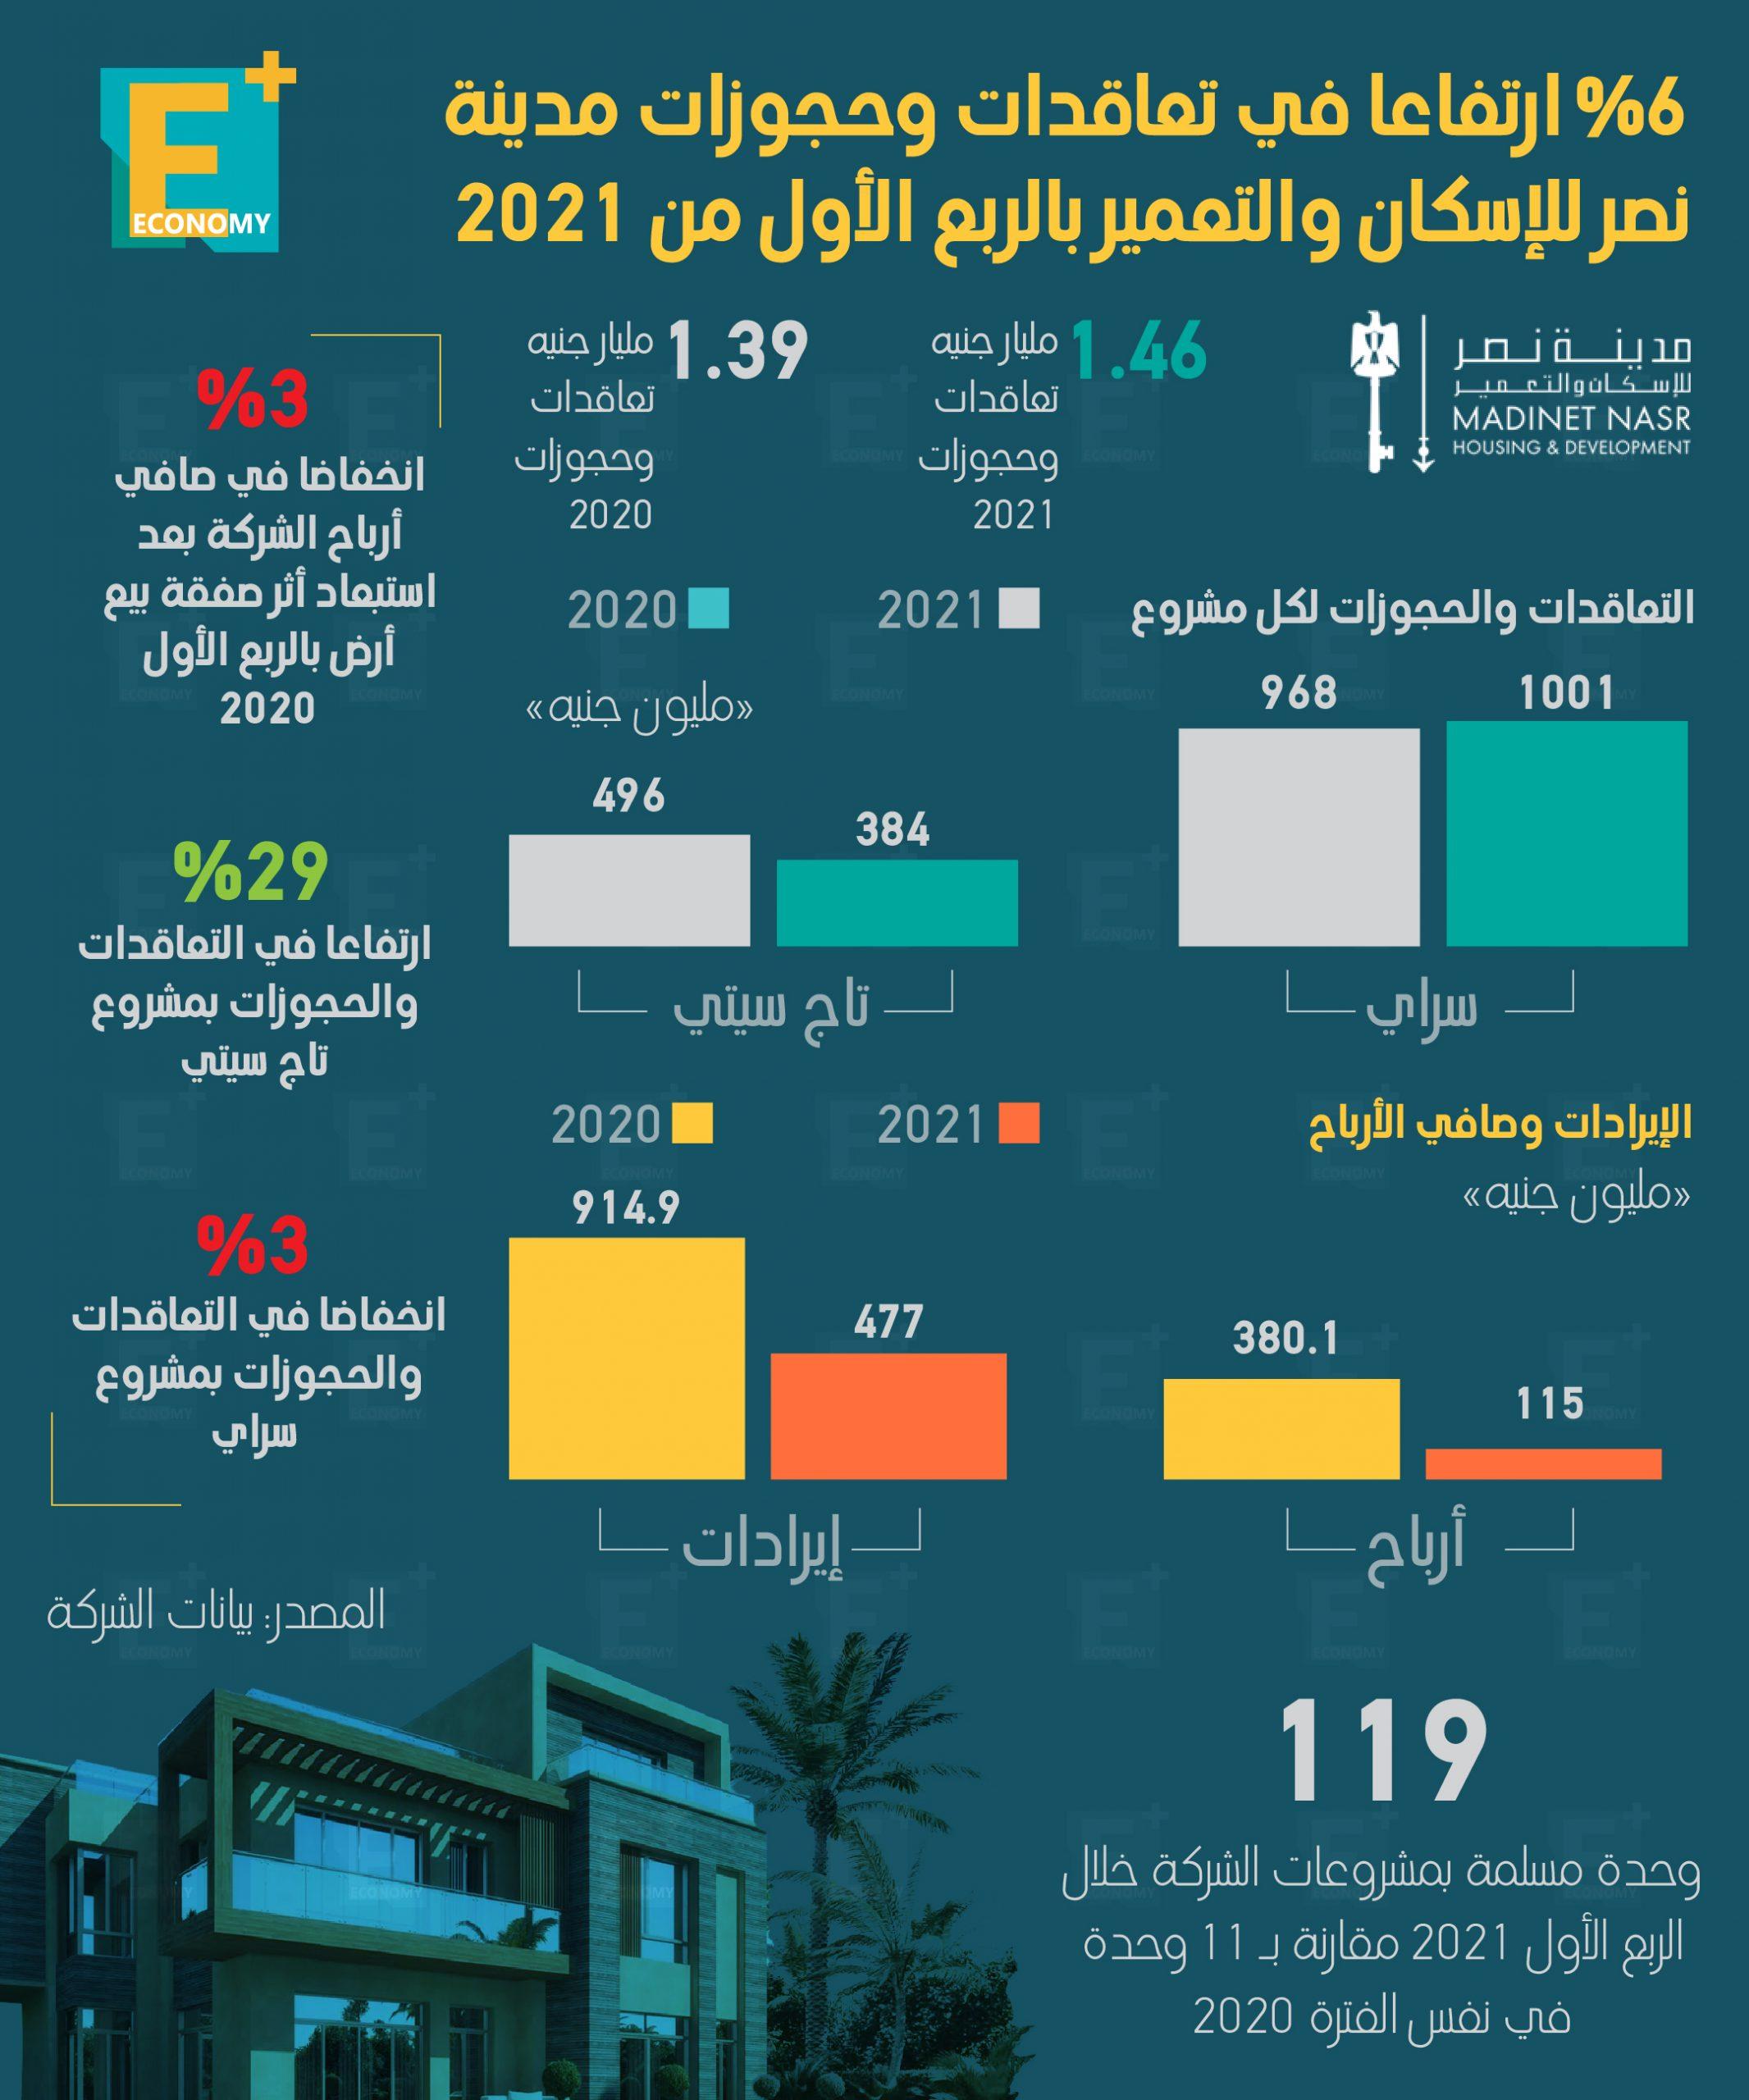 6 % ارتفاعًا في تعاقدات وحجوزات مدينة نصر للإسكان والتعمير بالربع الأول من 2021